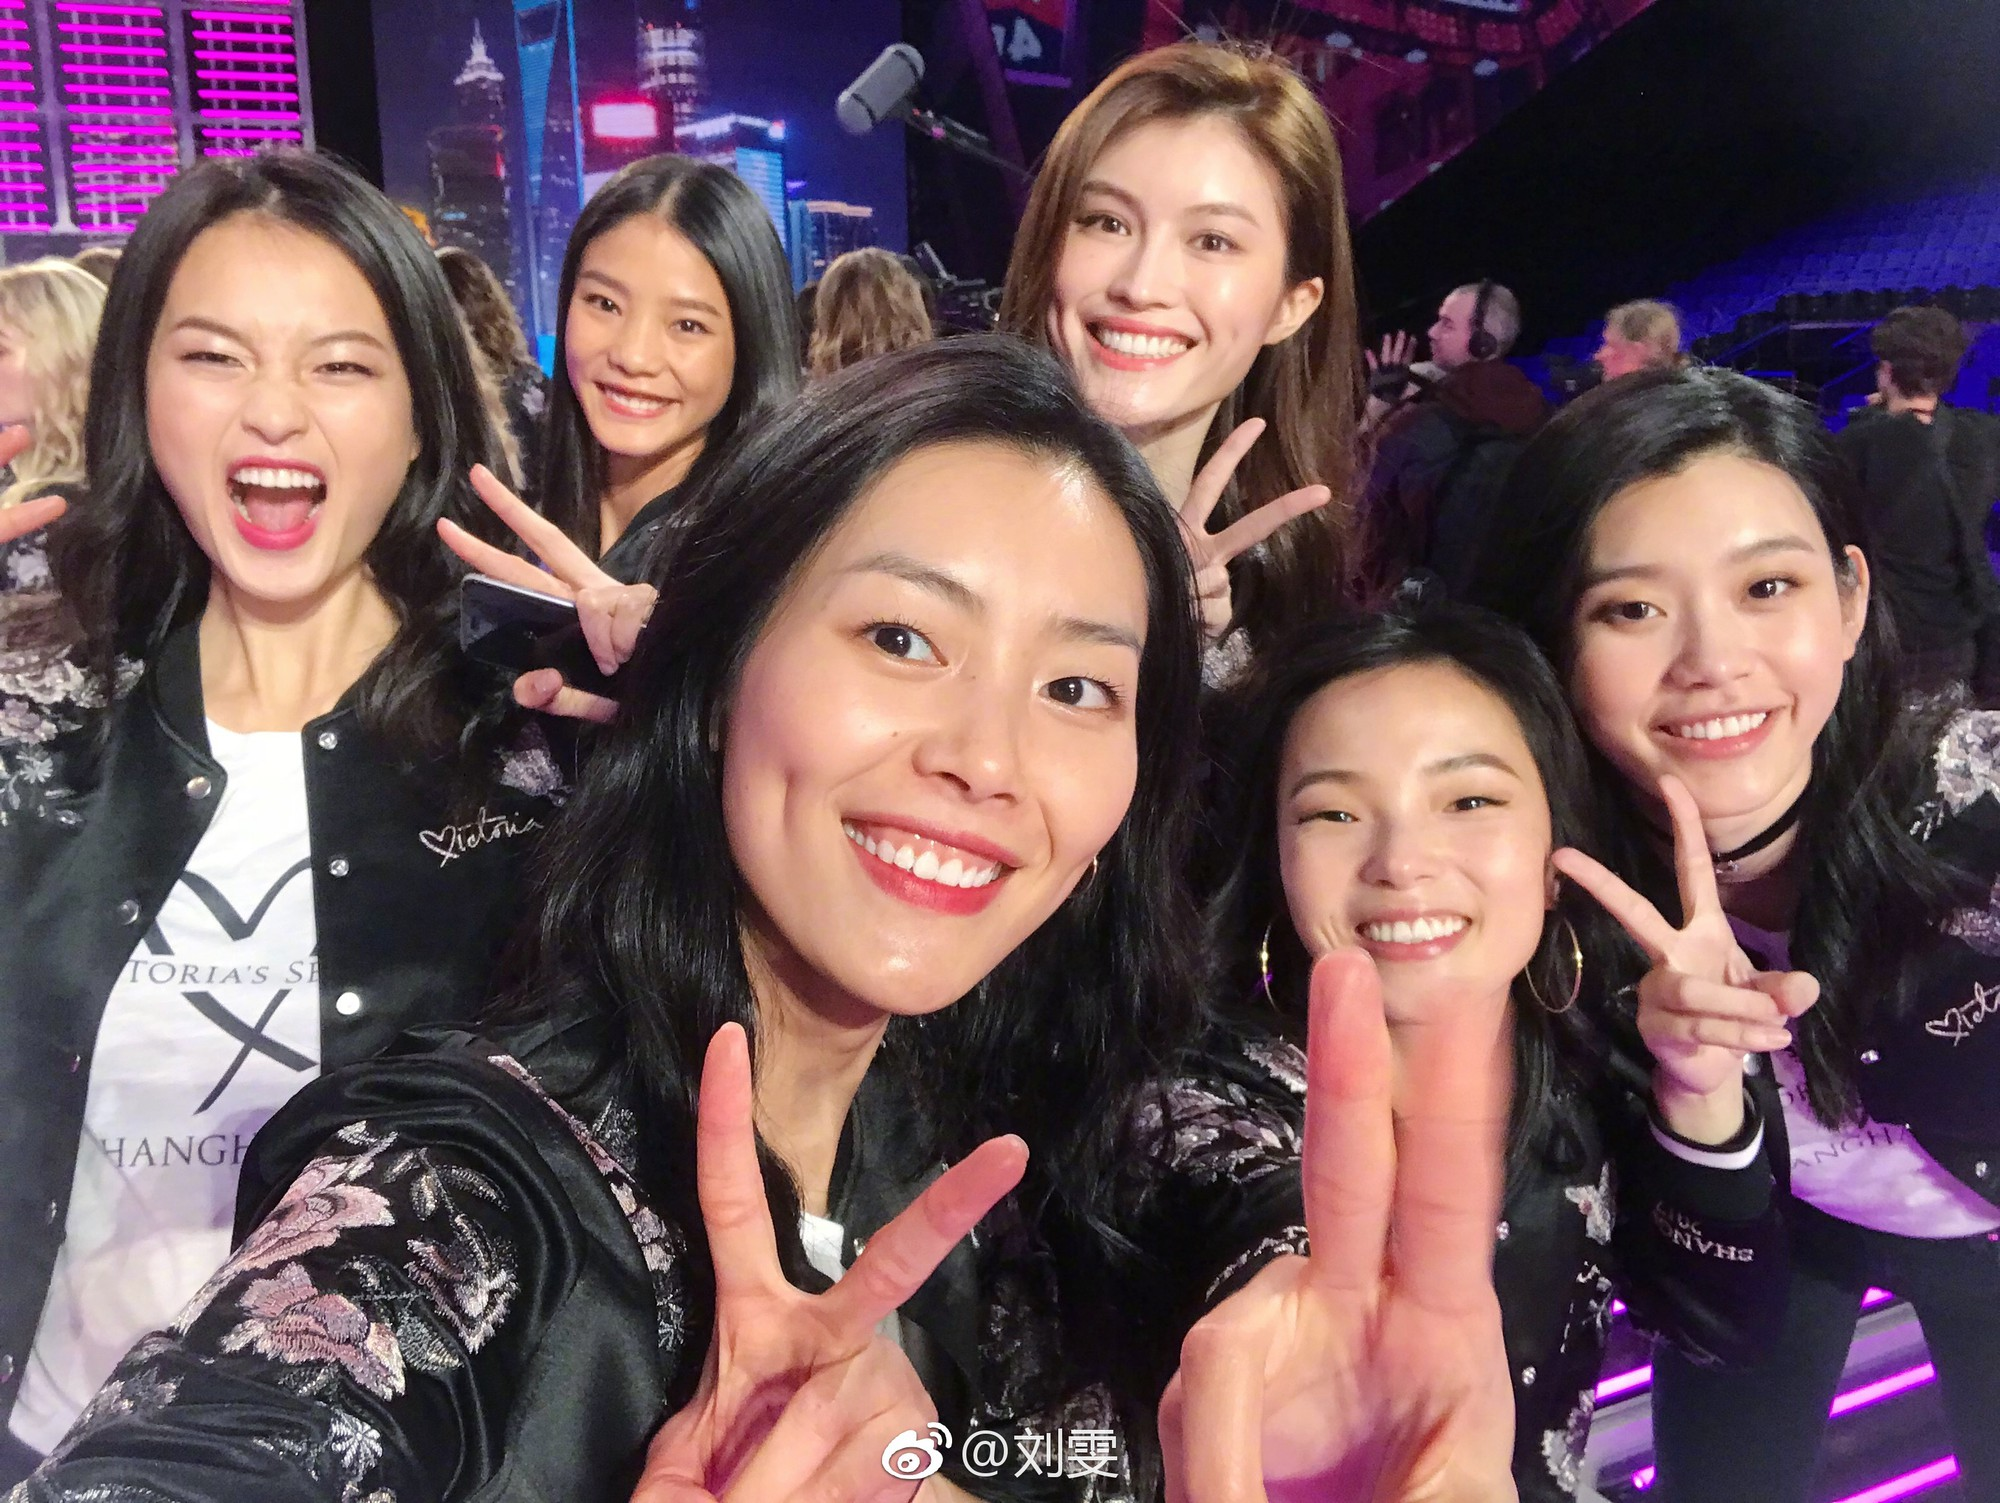 Đây là cô gái Trung Quốc may mắn diễn Victorias Secret với Candice Swanepoel, Liu Wen...! - Ảnh 4.